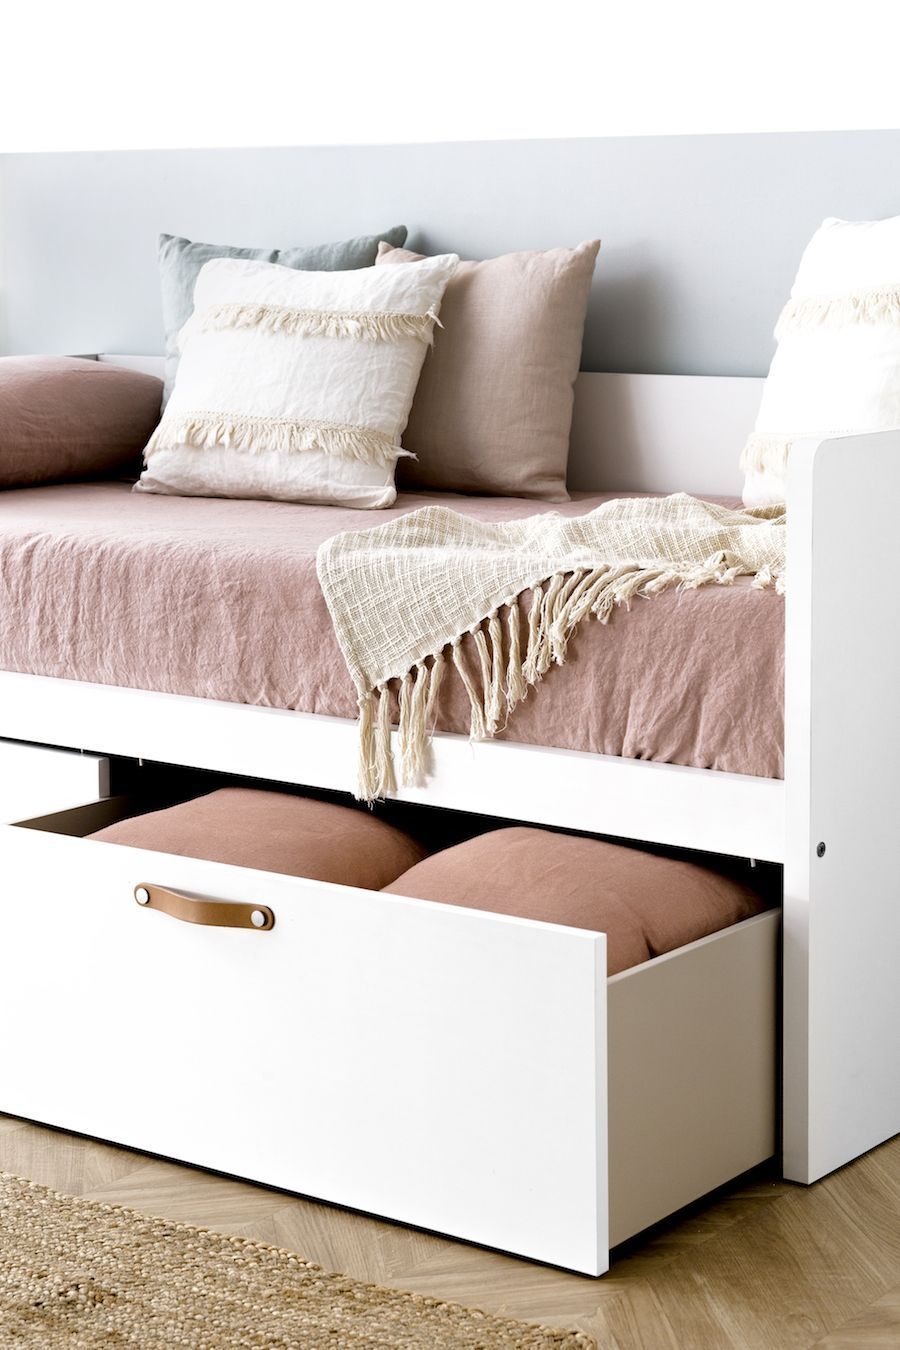 Tera cama com 2 gavetas